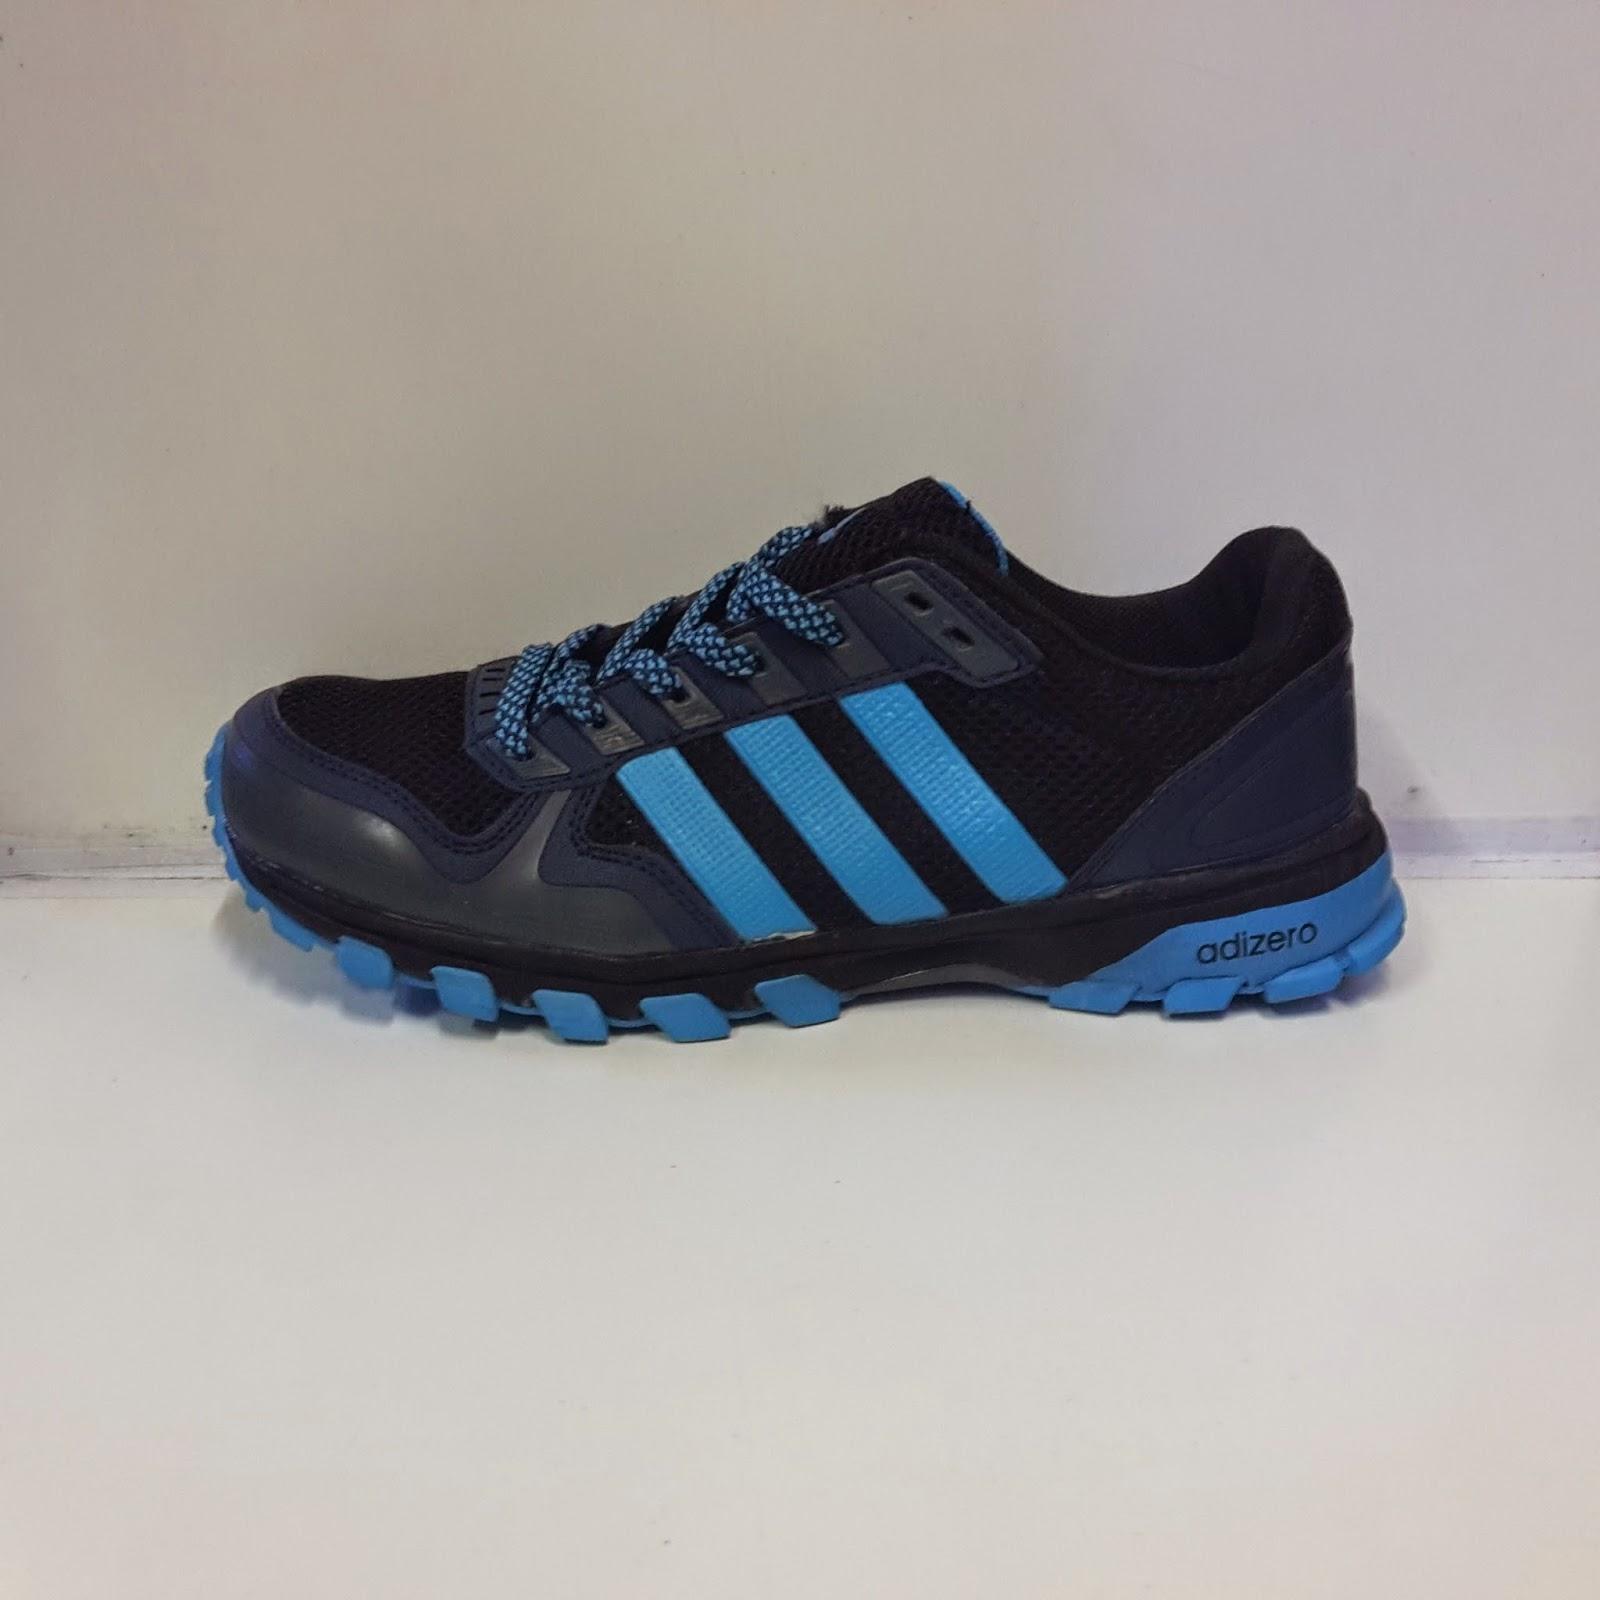 Sepatu Adidas Adizero Running Murah, sepatu running adidas, online sepatu adidas running, sepatu running murah 2015,sepatu running online,import sepatu running,grosir sepatu running,online sepatu running,sepatu running 2015,hubungi kami di 081284627166